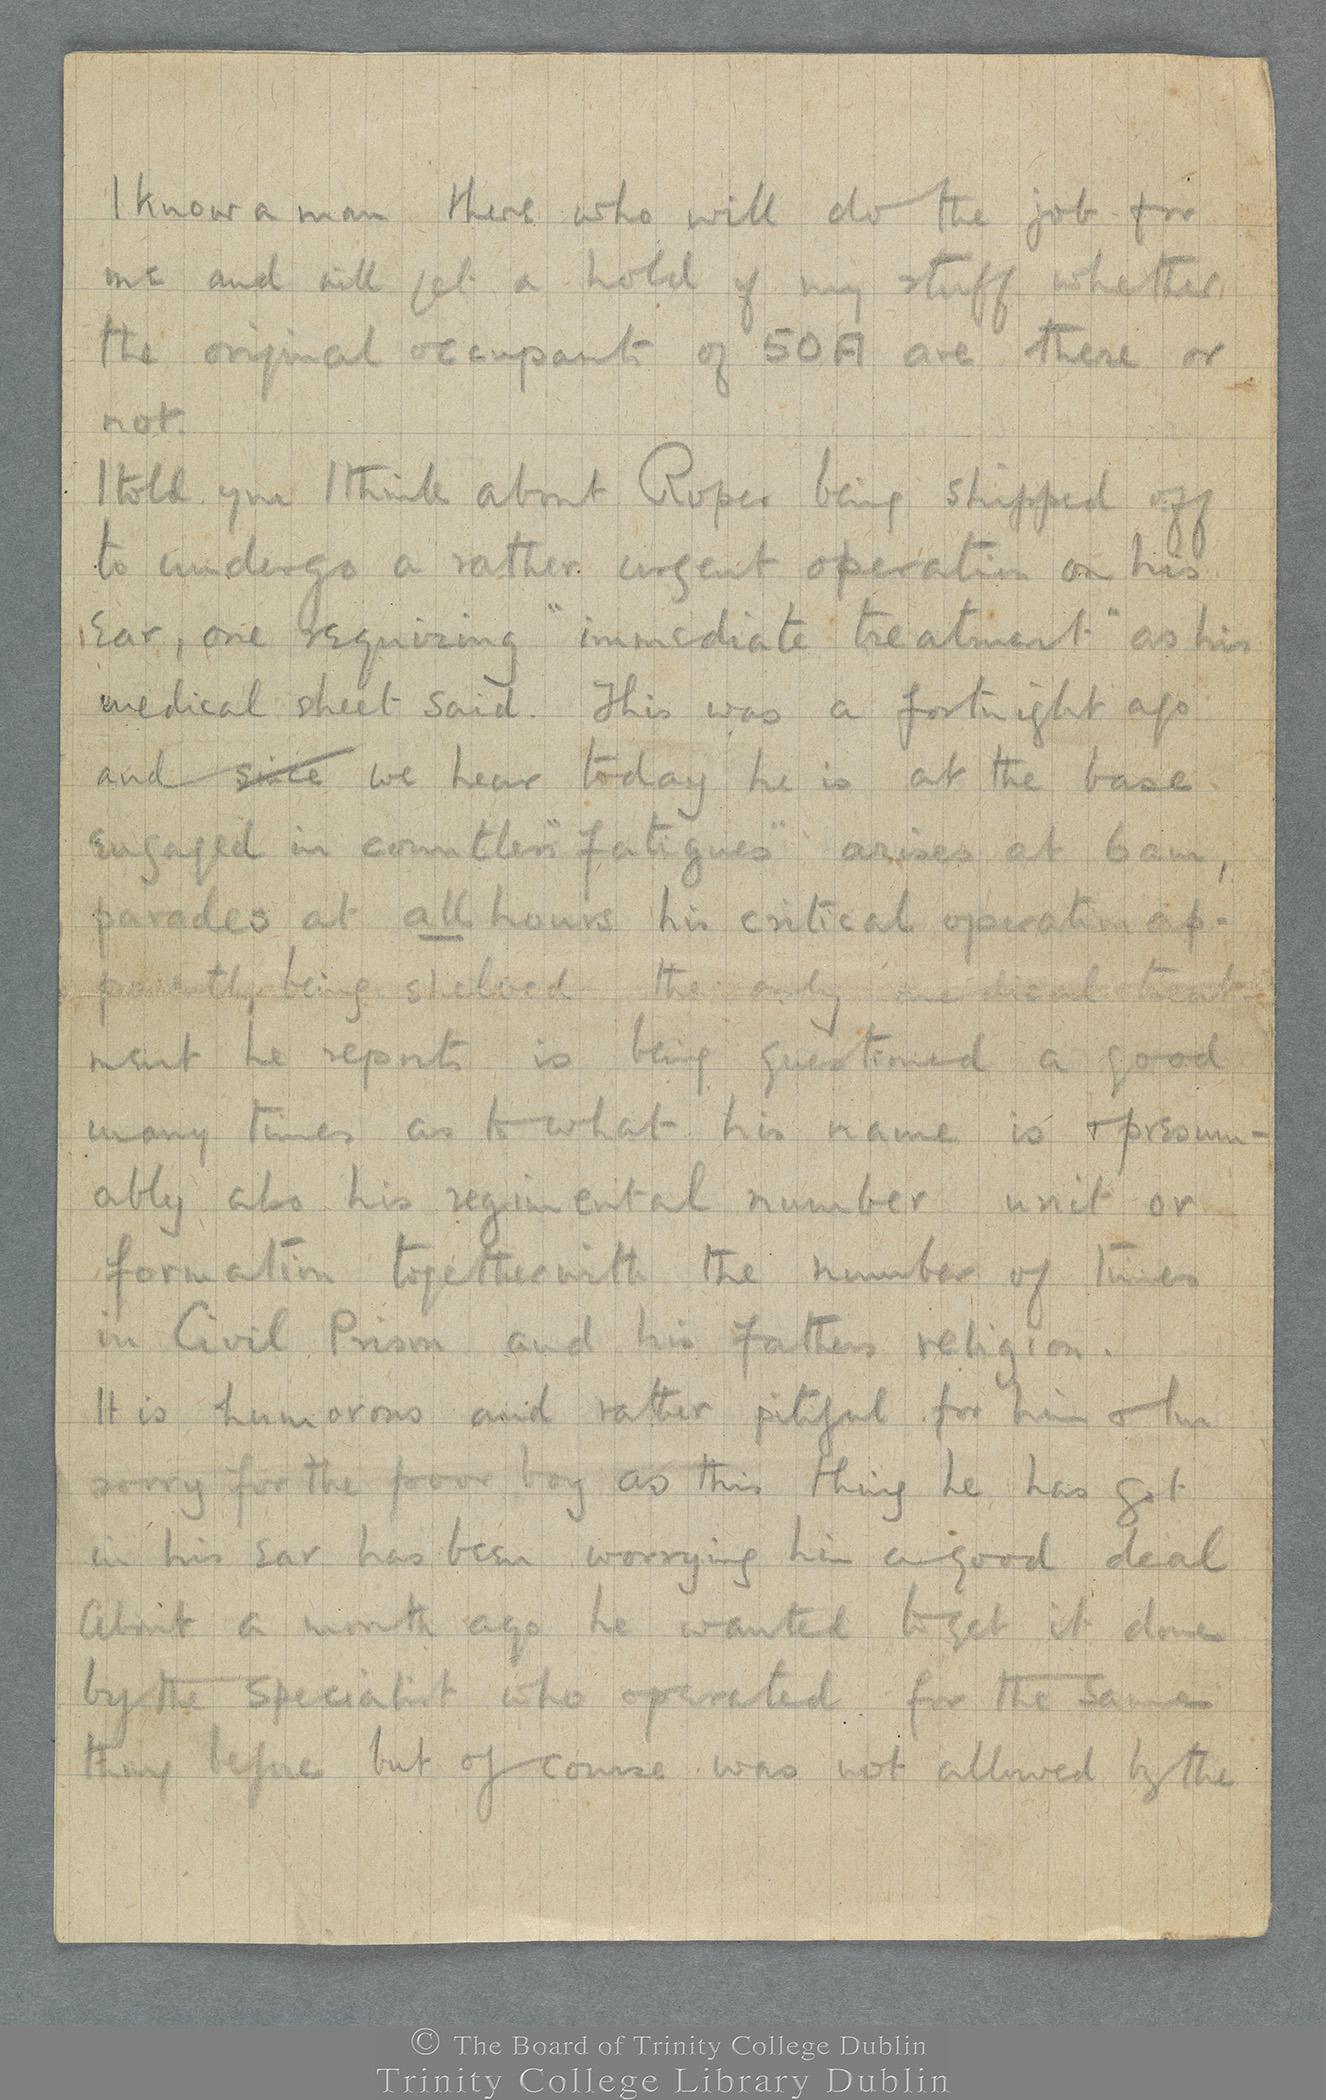 TCD MS 11274/2 folio 2 verso